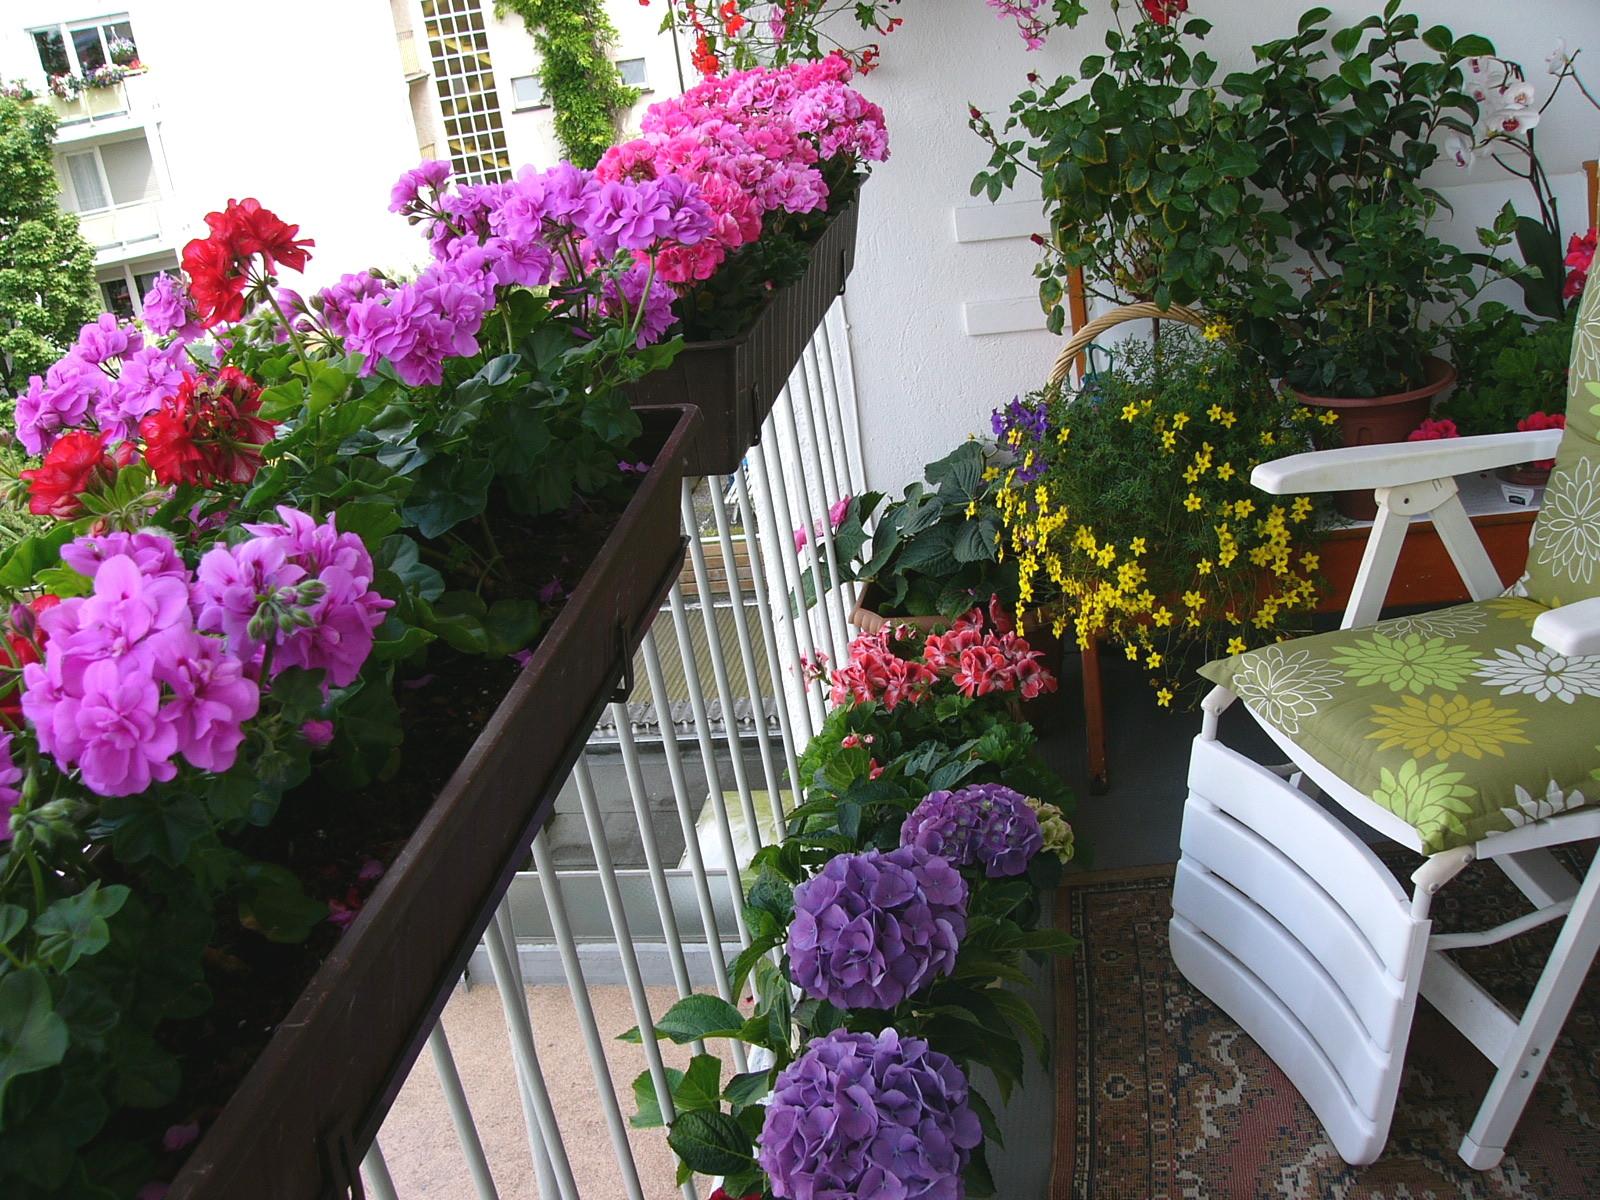 Elegant Als U201eGroßstadtpflanzeu201c, Ohne Möglichkeit Sich In Einem Garten Zu Betätigen,  Ist Doch Ein Balkon Ein Geschenk. Dieses Geschenk Habe Ich, Vor 23 Jahren,  ...